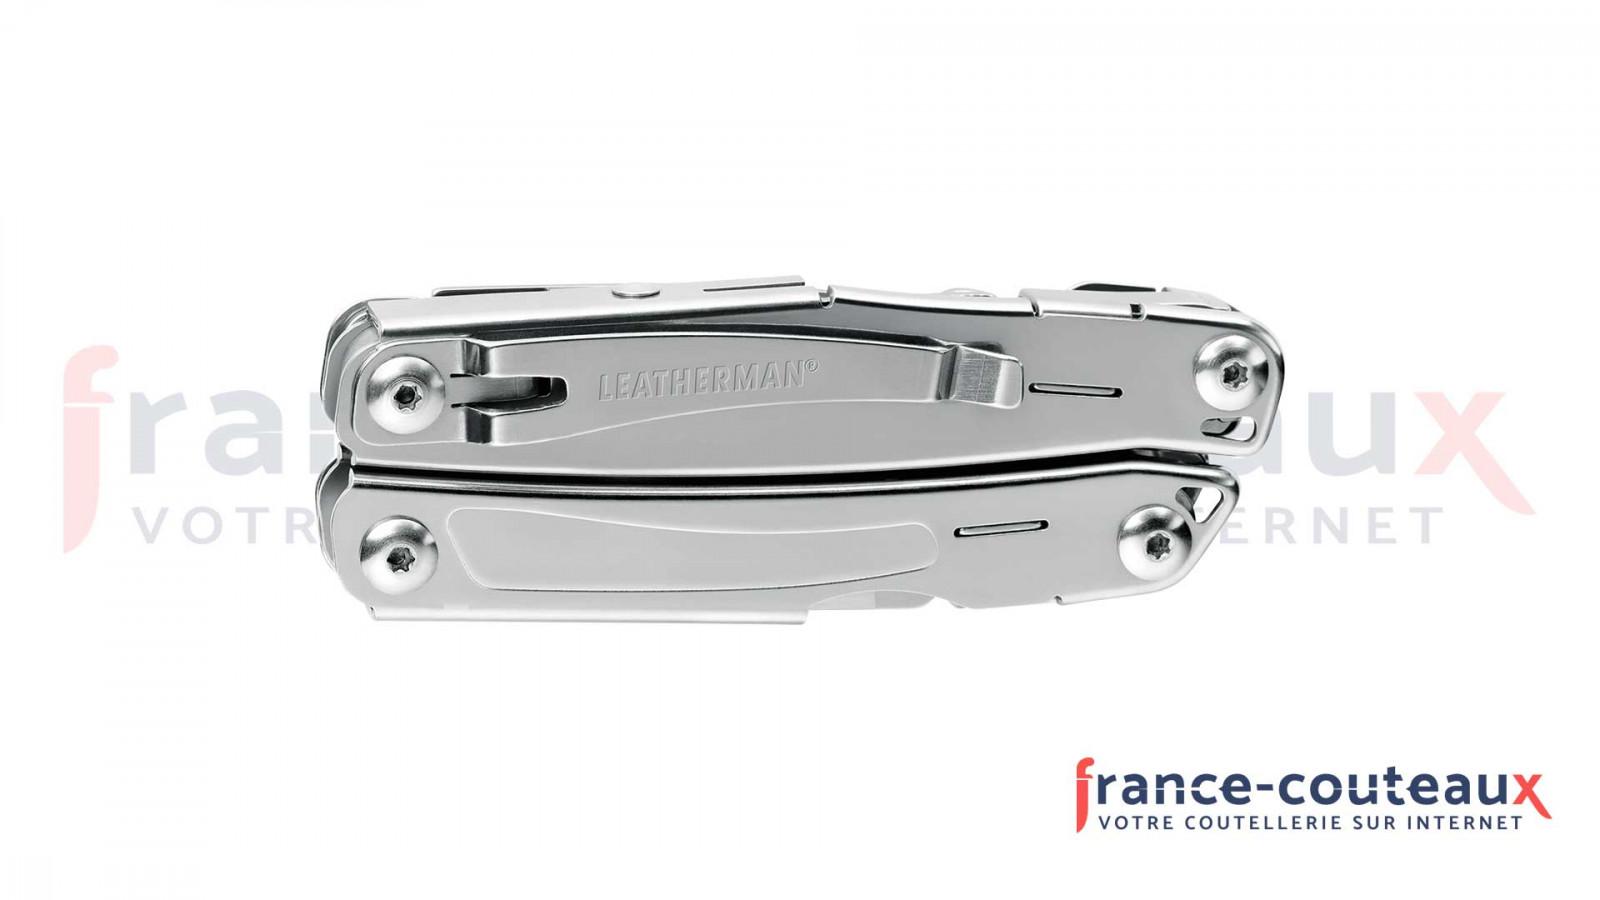 Stylo couteau défense lame mixte anodisé couleur champagne